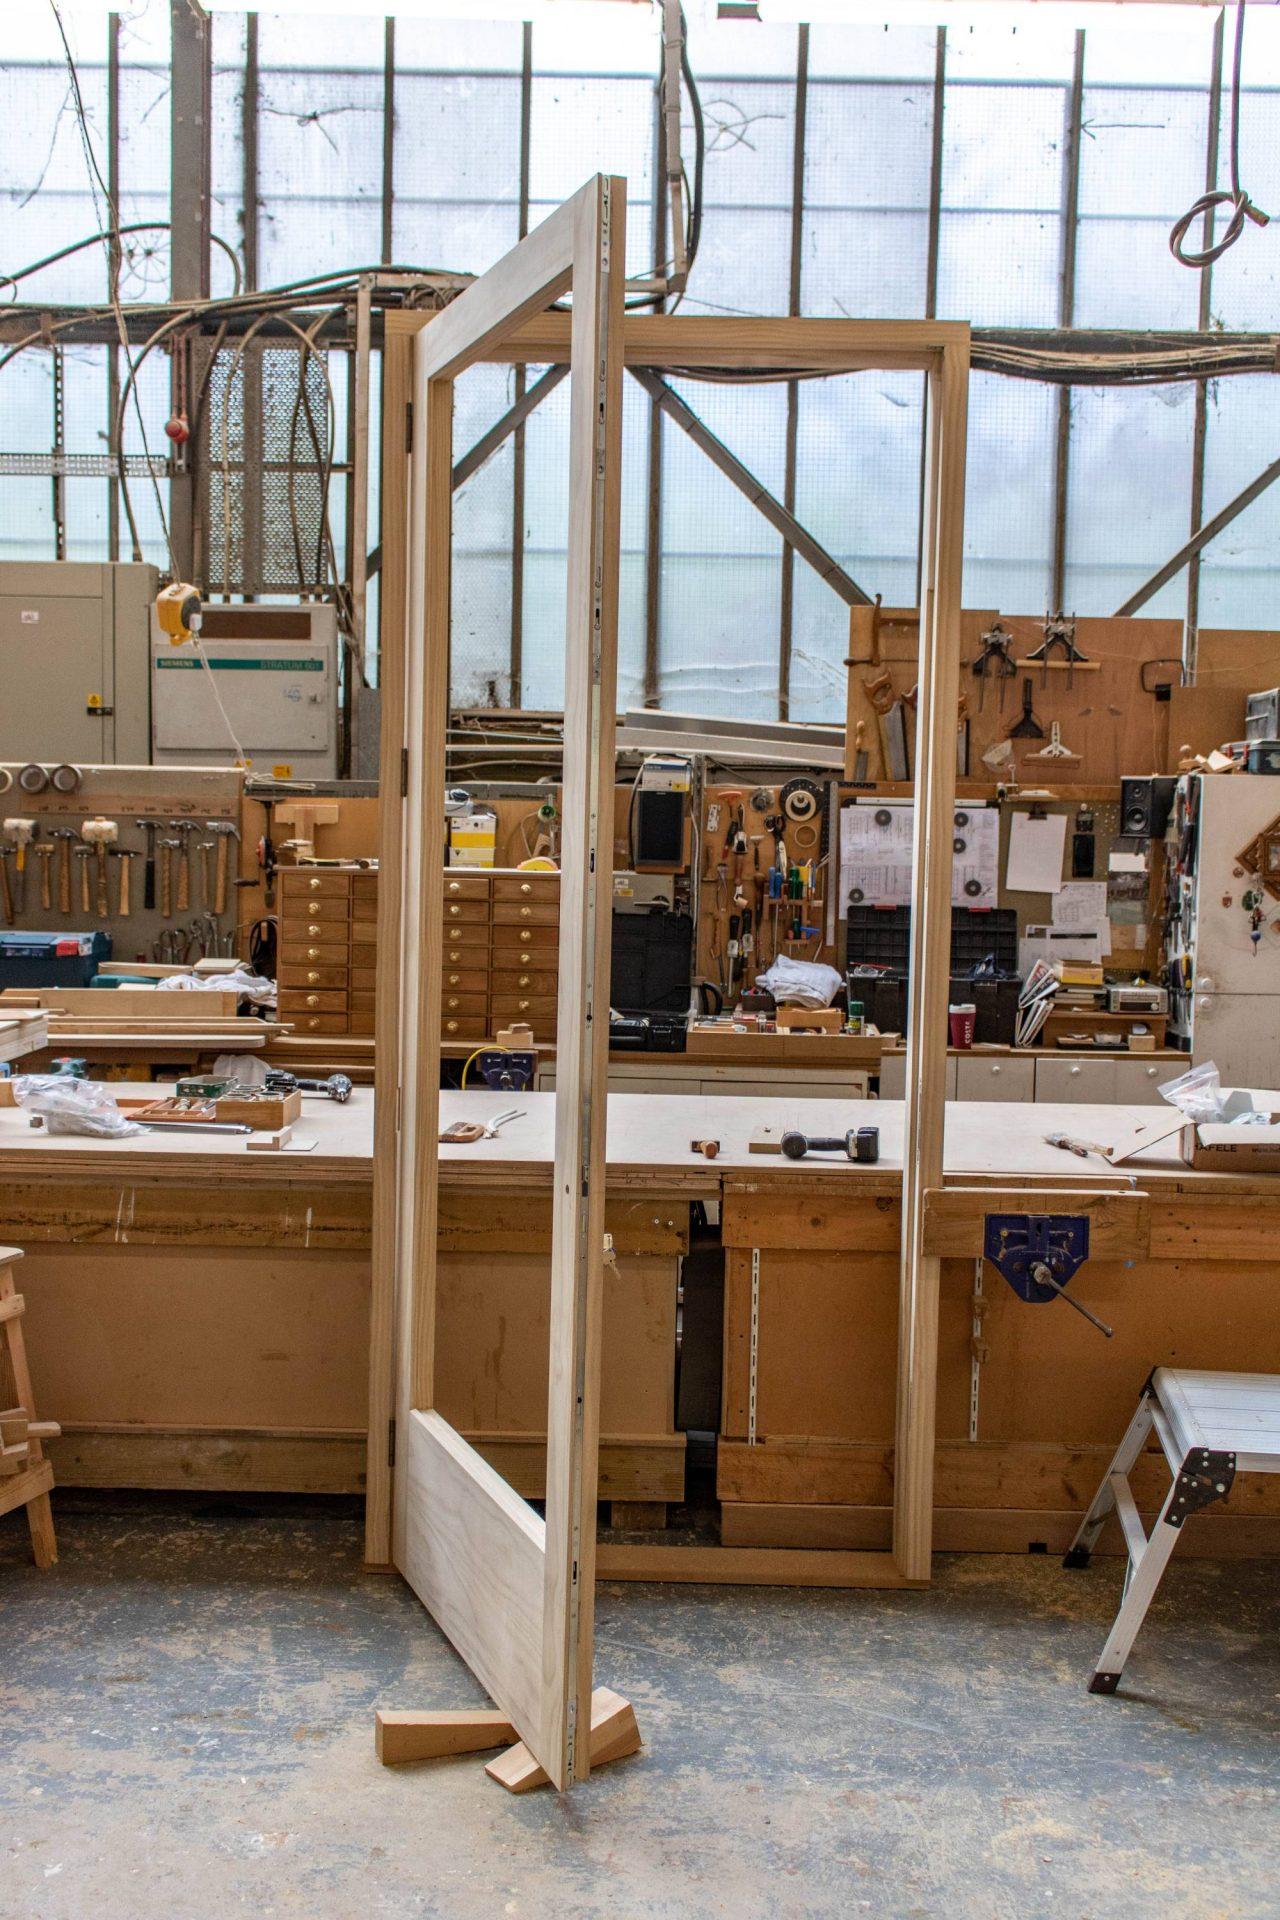 Kandd door frame design side view